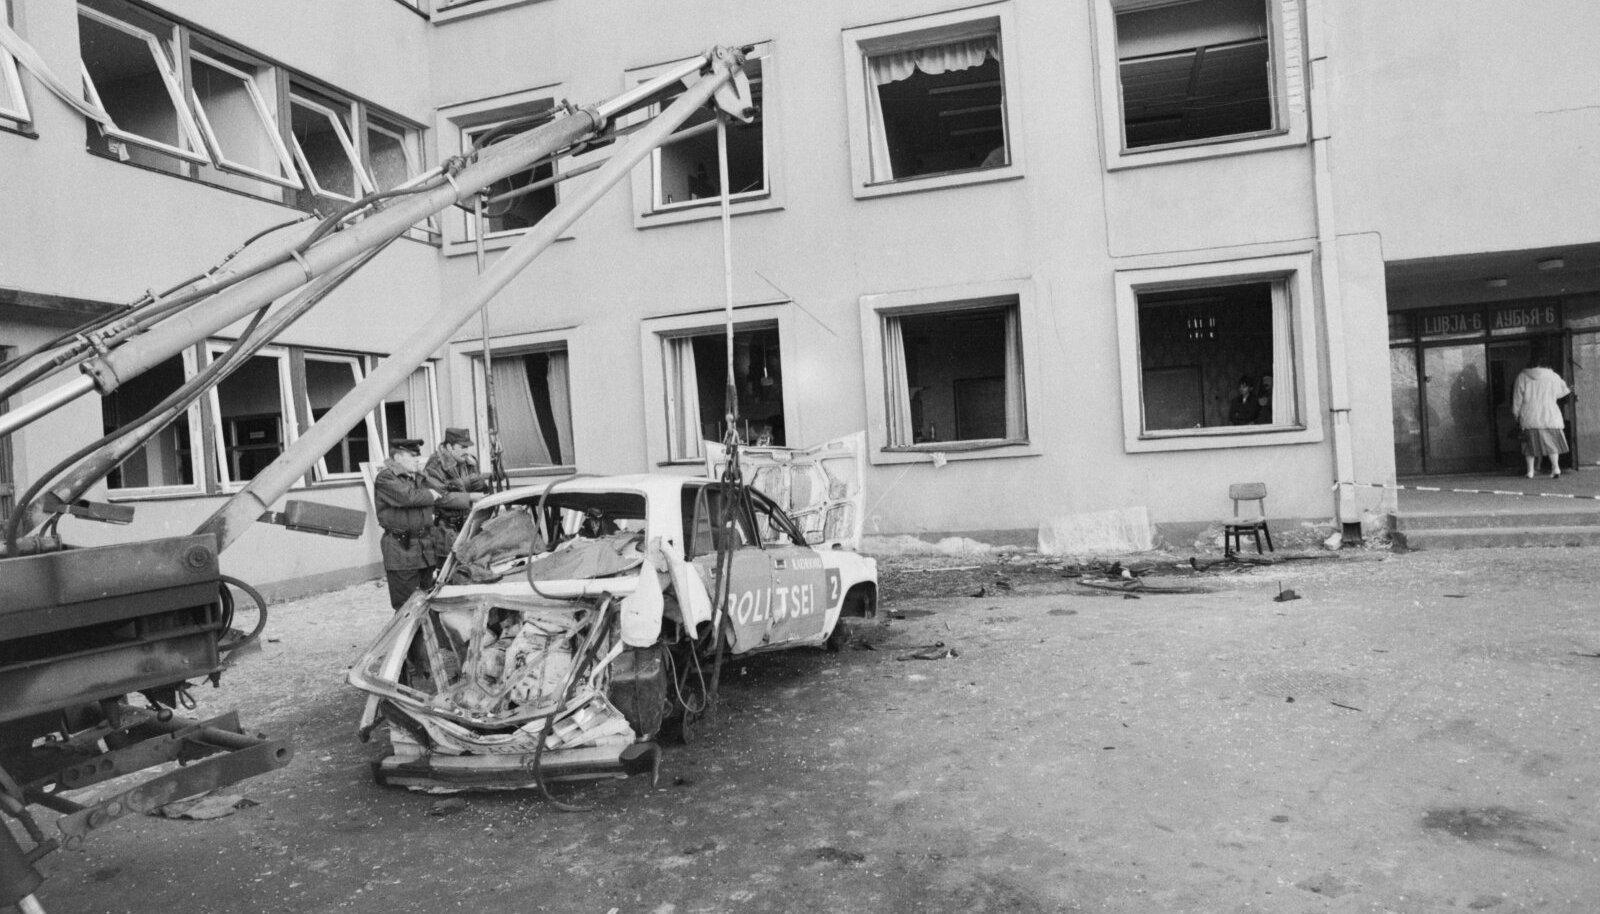 KURJAM PÄÄSES TERVE NAHAGA: 1993. aastal toimunud politseimaja pommirünnak on kuriteona aegunud, selle korraldajat vastutusele võtta ei saa.